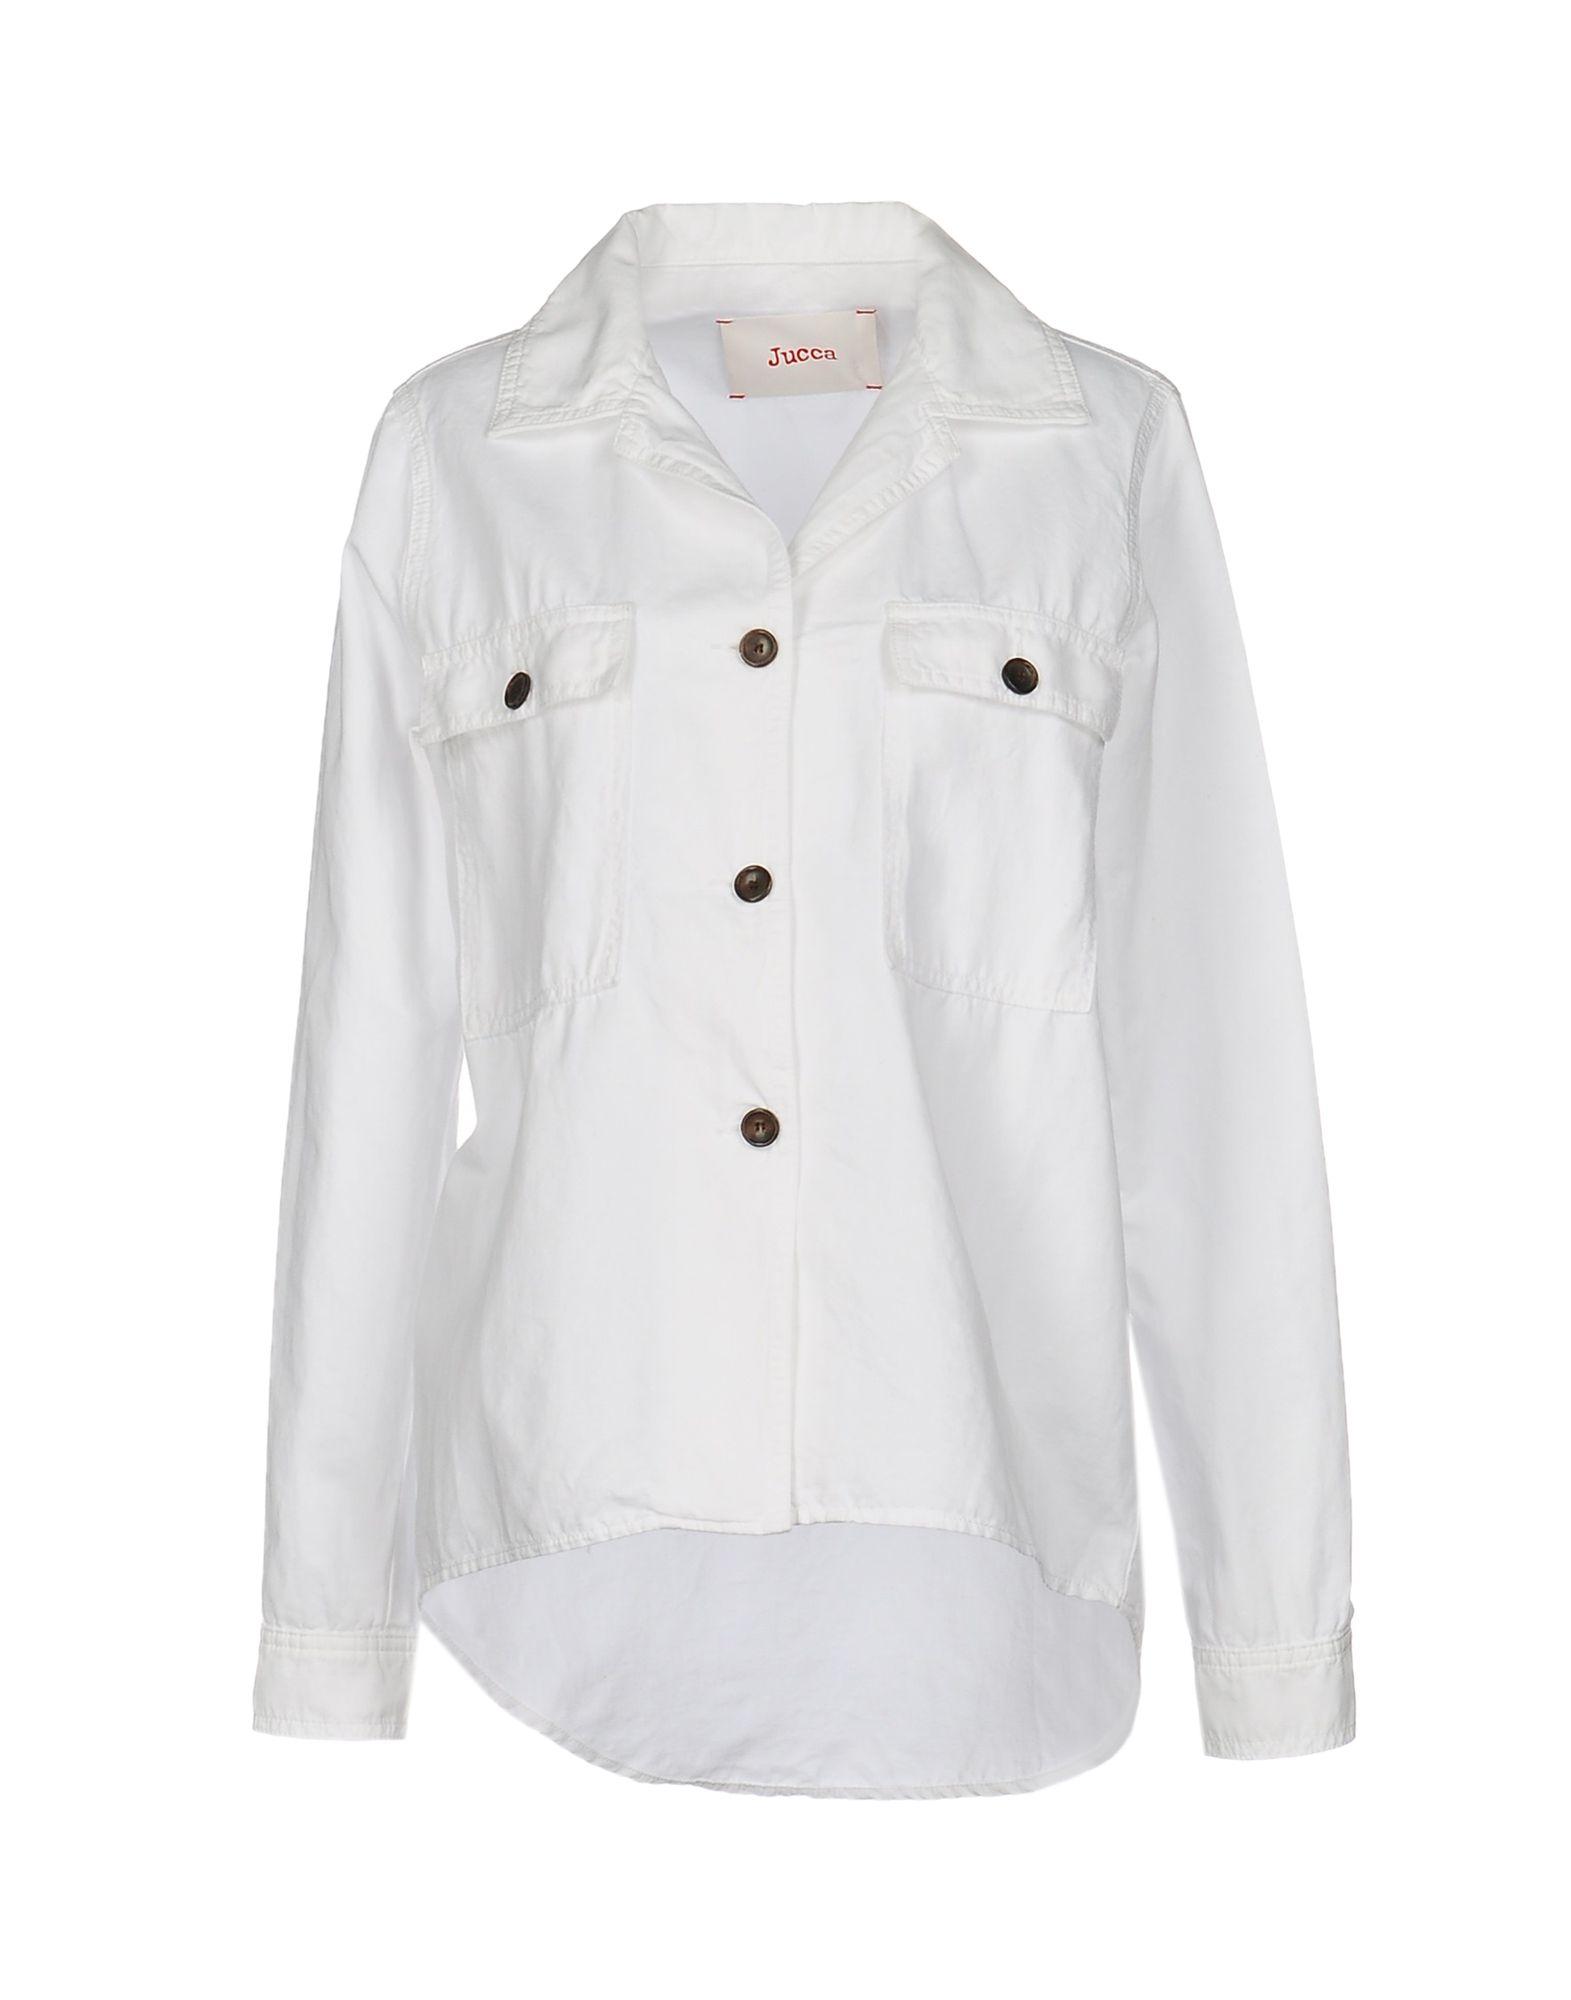 JUCCA Damen Hemd Farbe Weiß Größe 6 jetztbilligerkaufen